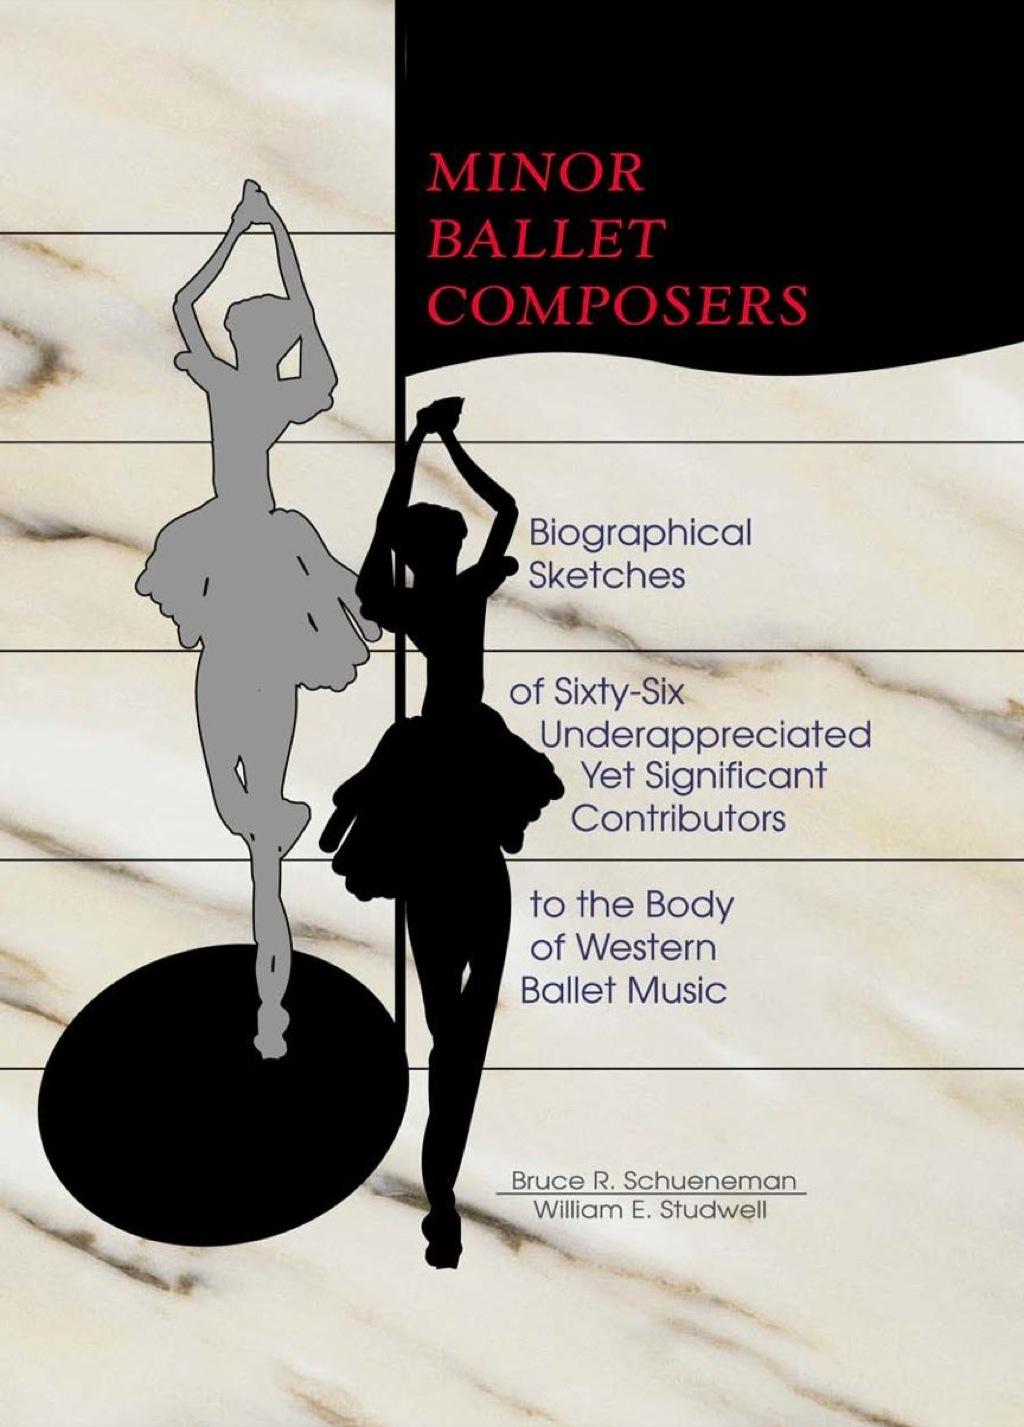 Minor Ballet Composers (eBook Rental)